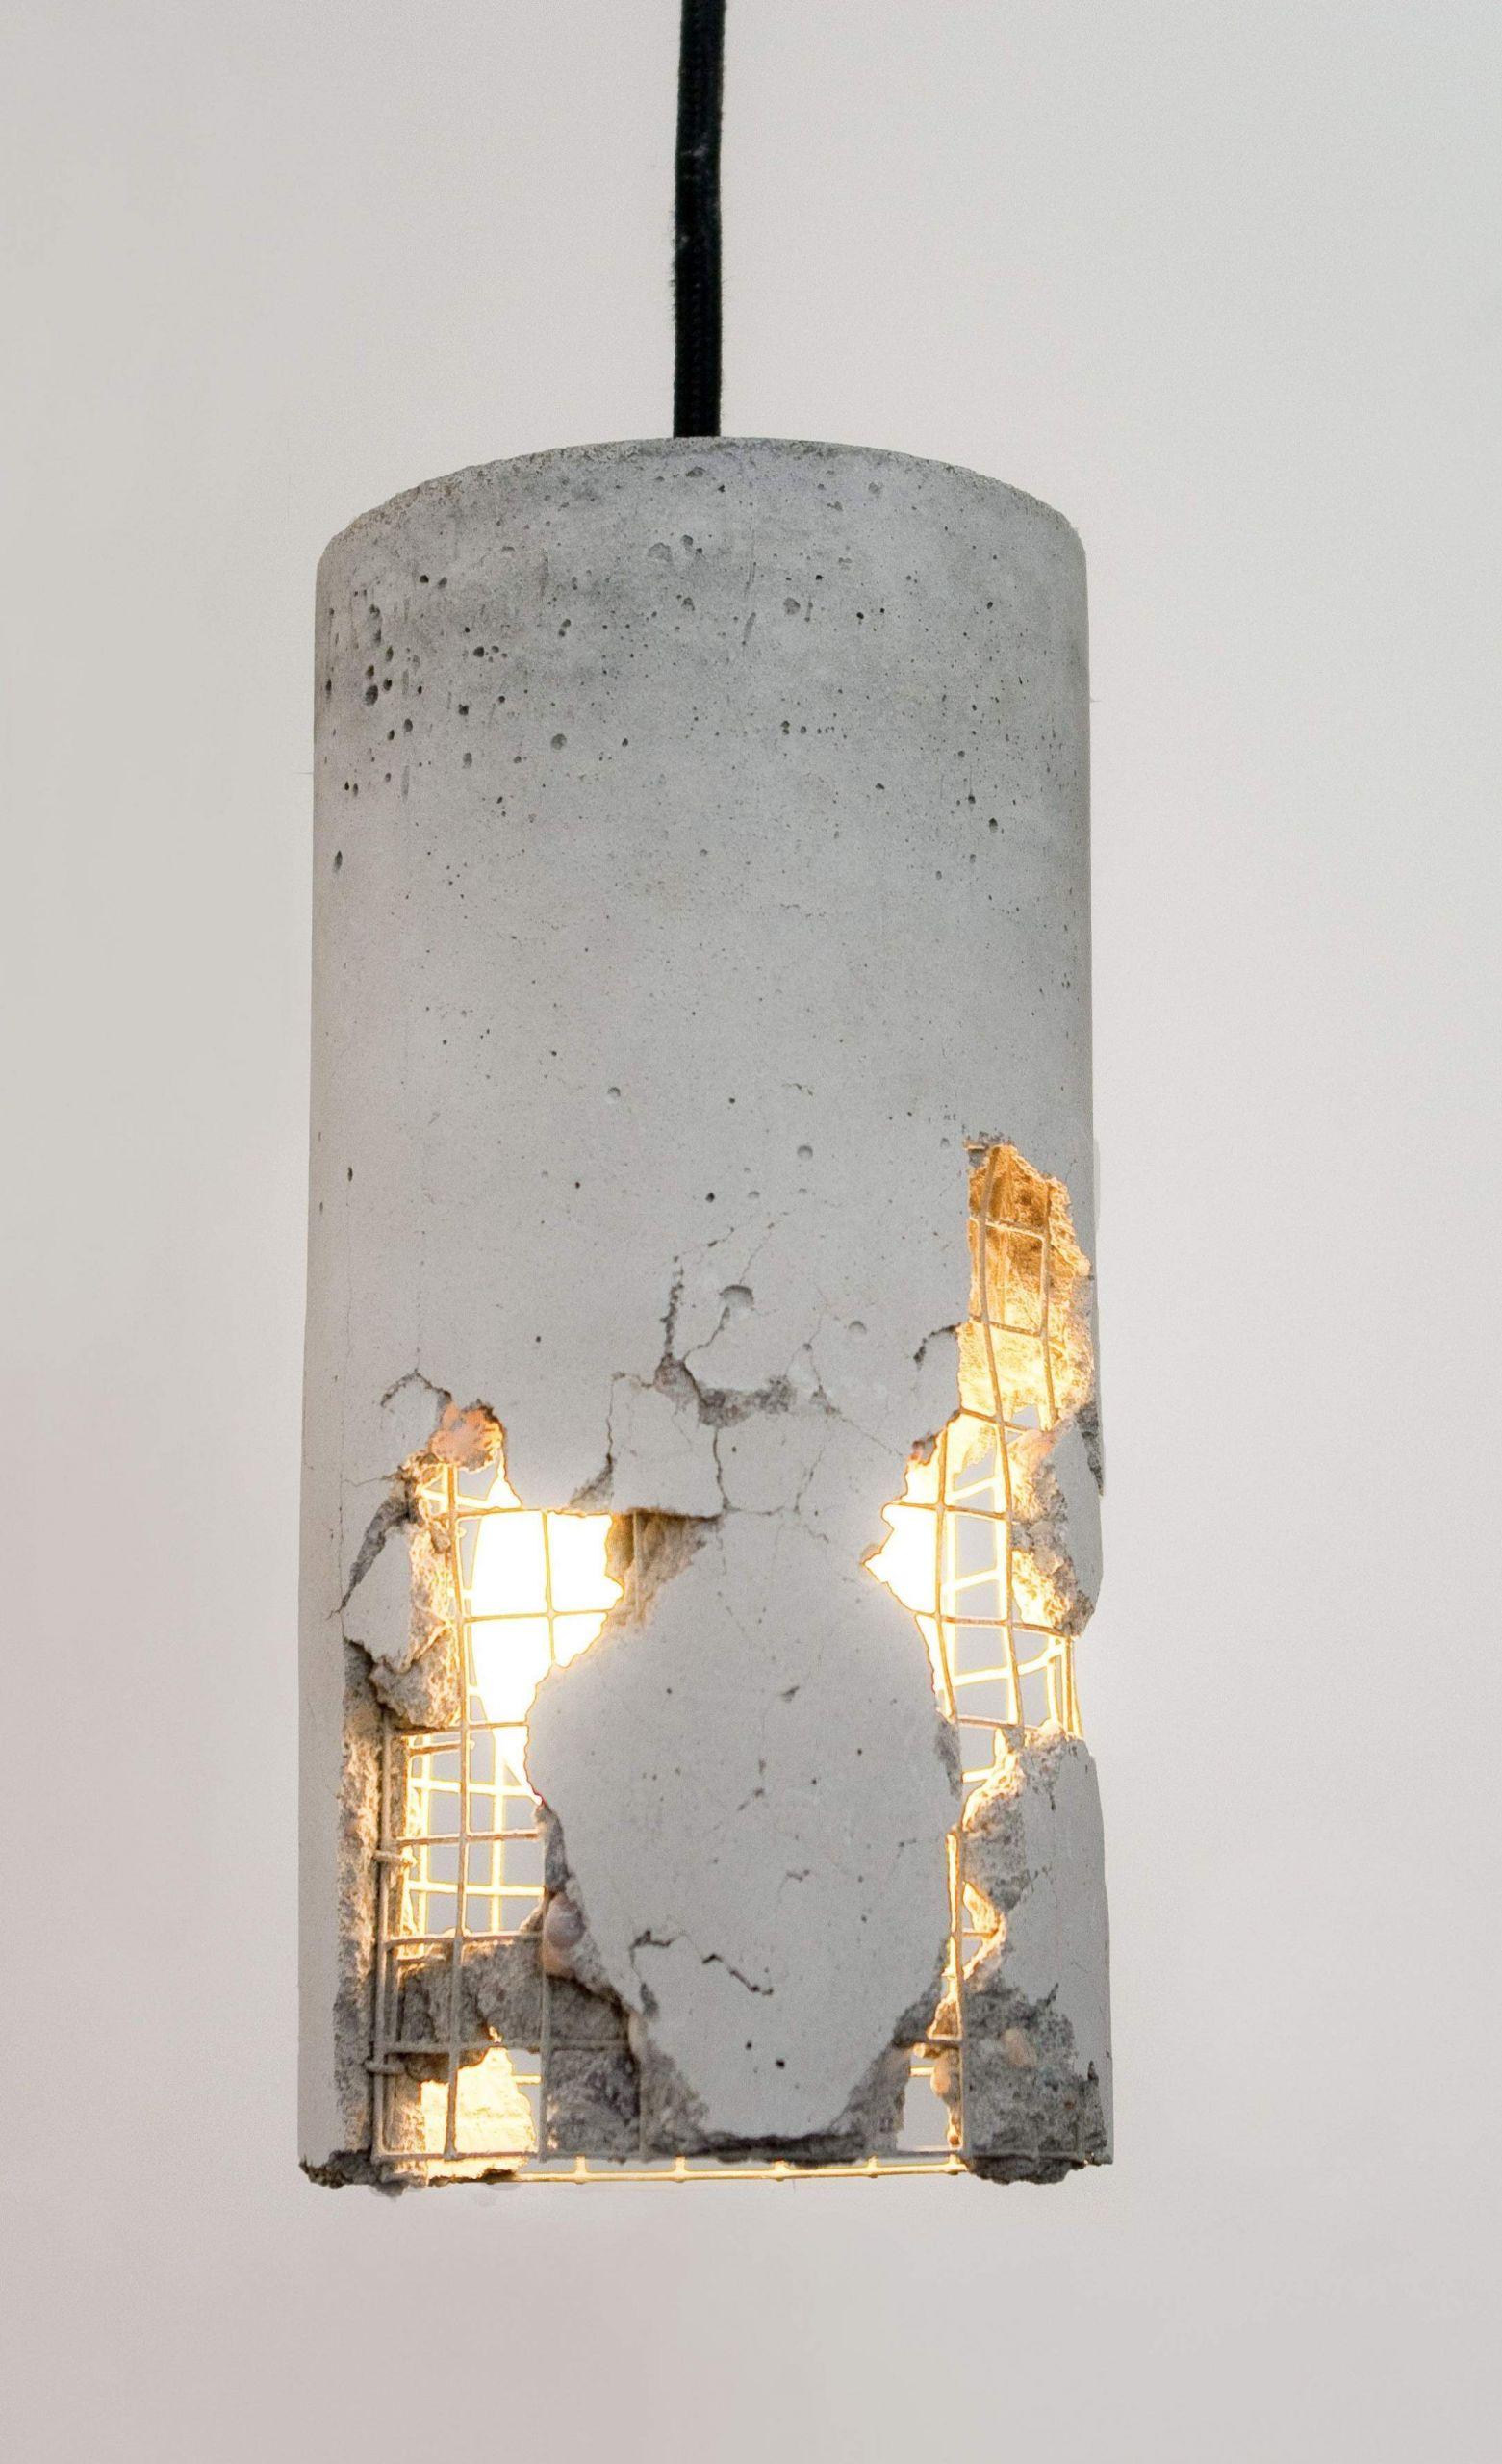 garten stehlampe einzigartig wohnzimmer led luxus nachttischlampe wand 0d design ideen of garten stehlampe scaled